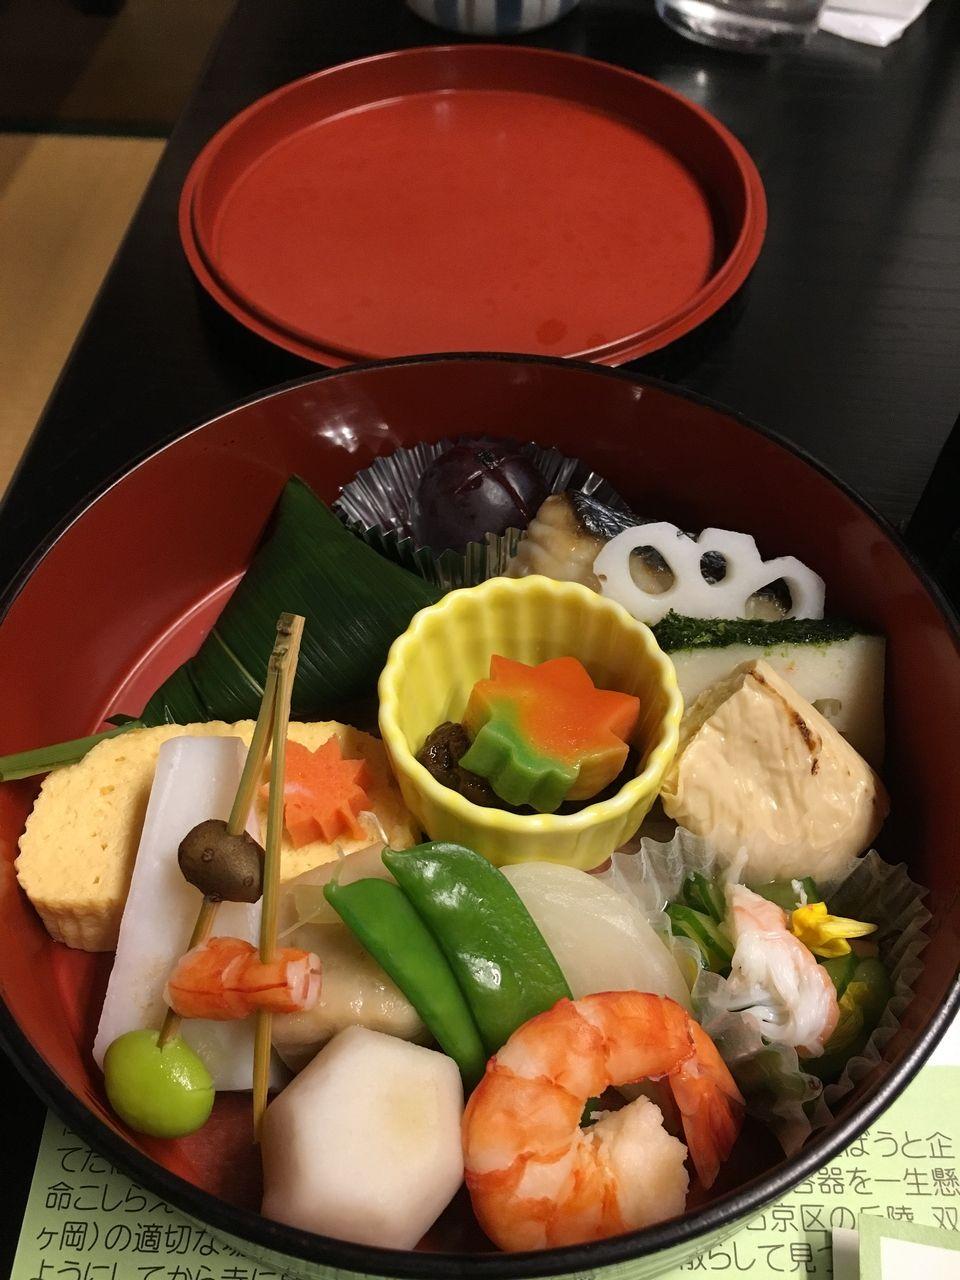 京都にある日本料理の店「萬長」さんの(つれづれ弁当)